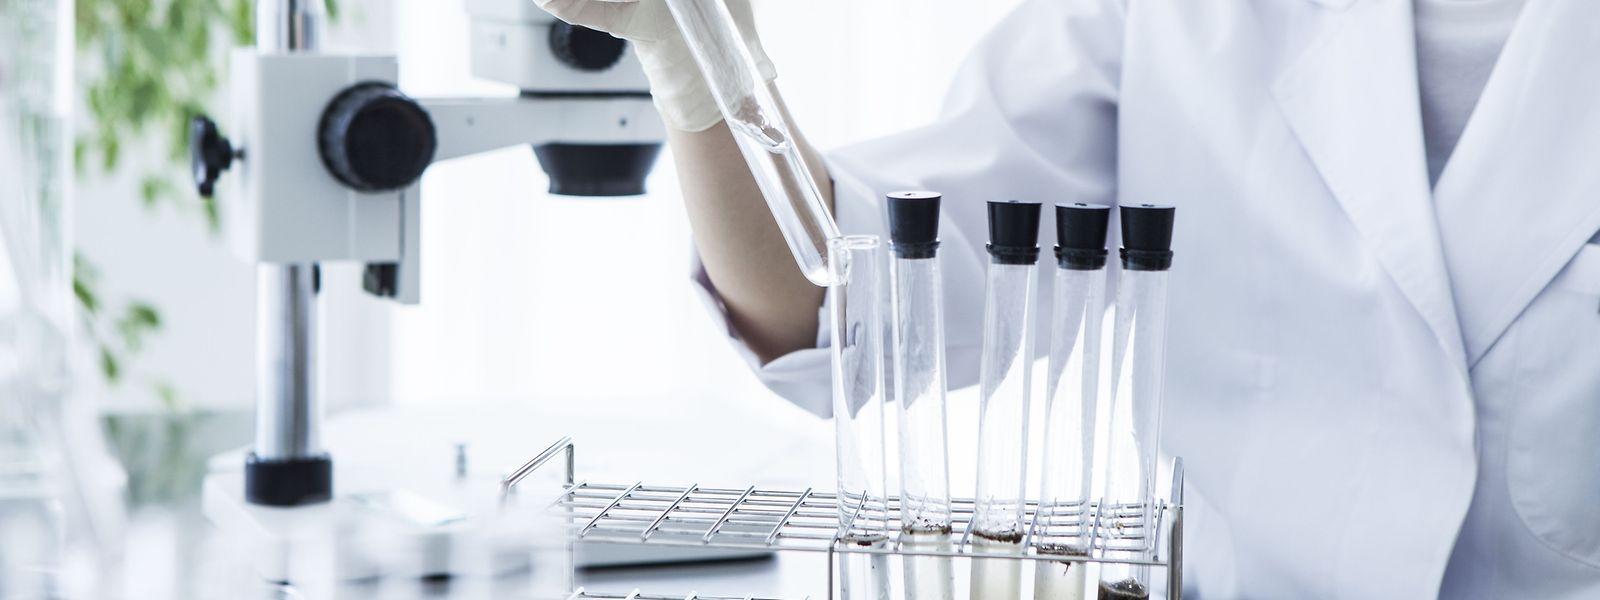 Mehr als 2.000 Proben nehmen die Mitarbeiter des zuständigen Dienstes für Lebensmittelsicherheit bei der Santé jedes Jahr, um sie anschließend im Labor untersuchen zu lassen.